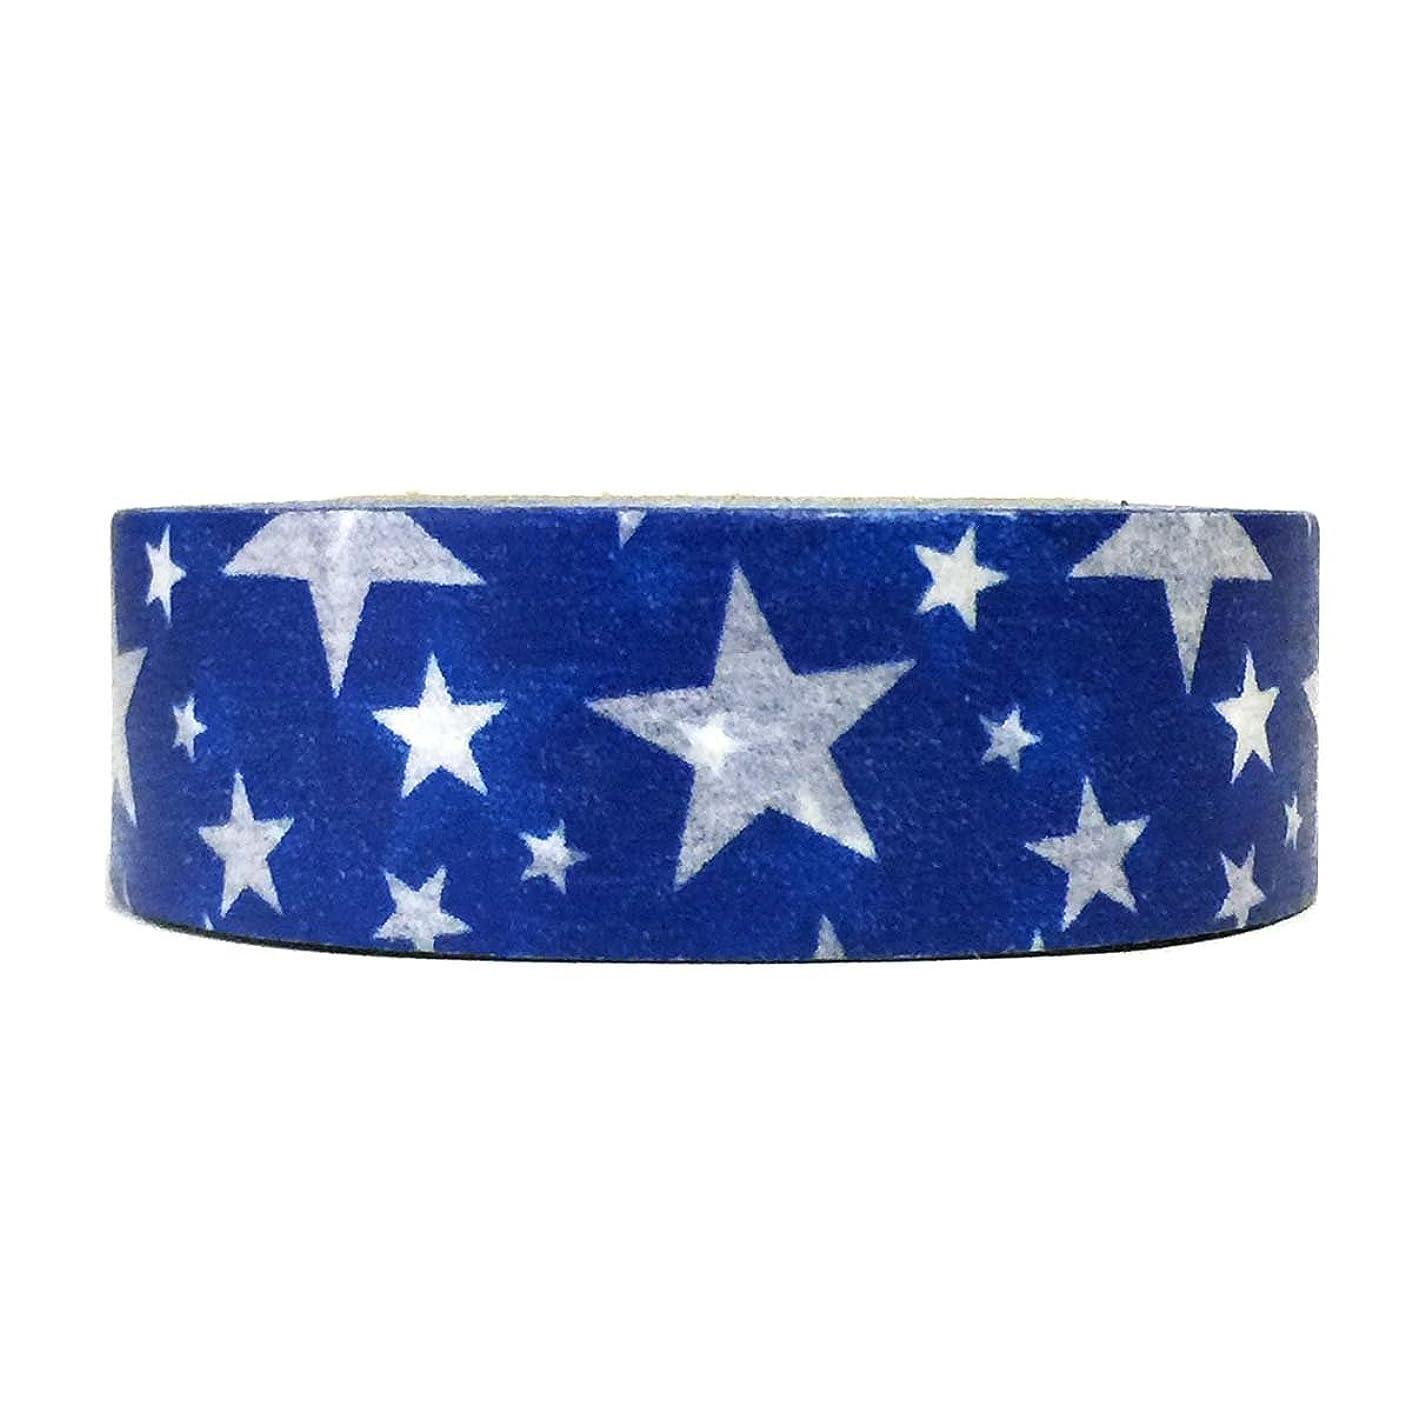 Allydrew Decorative Washi Masking Tape (Royal Blue Stars)